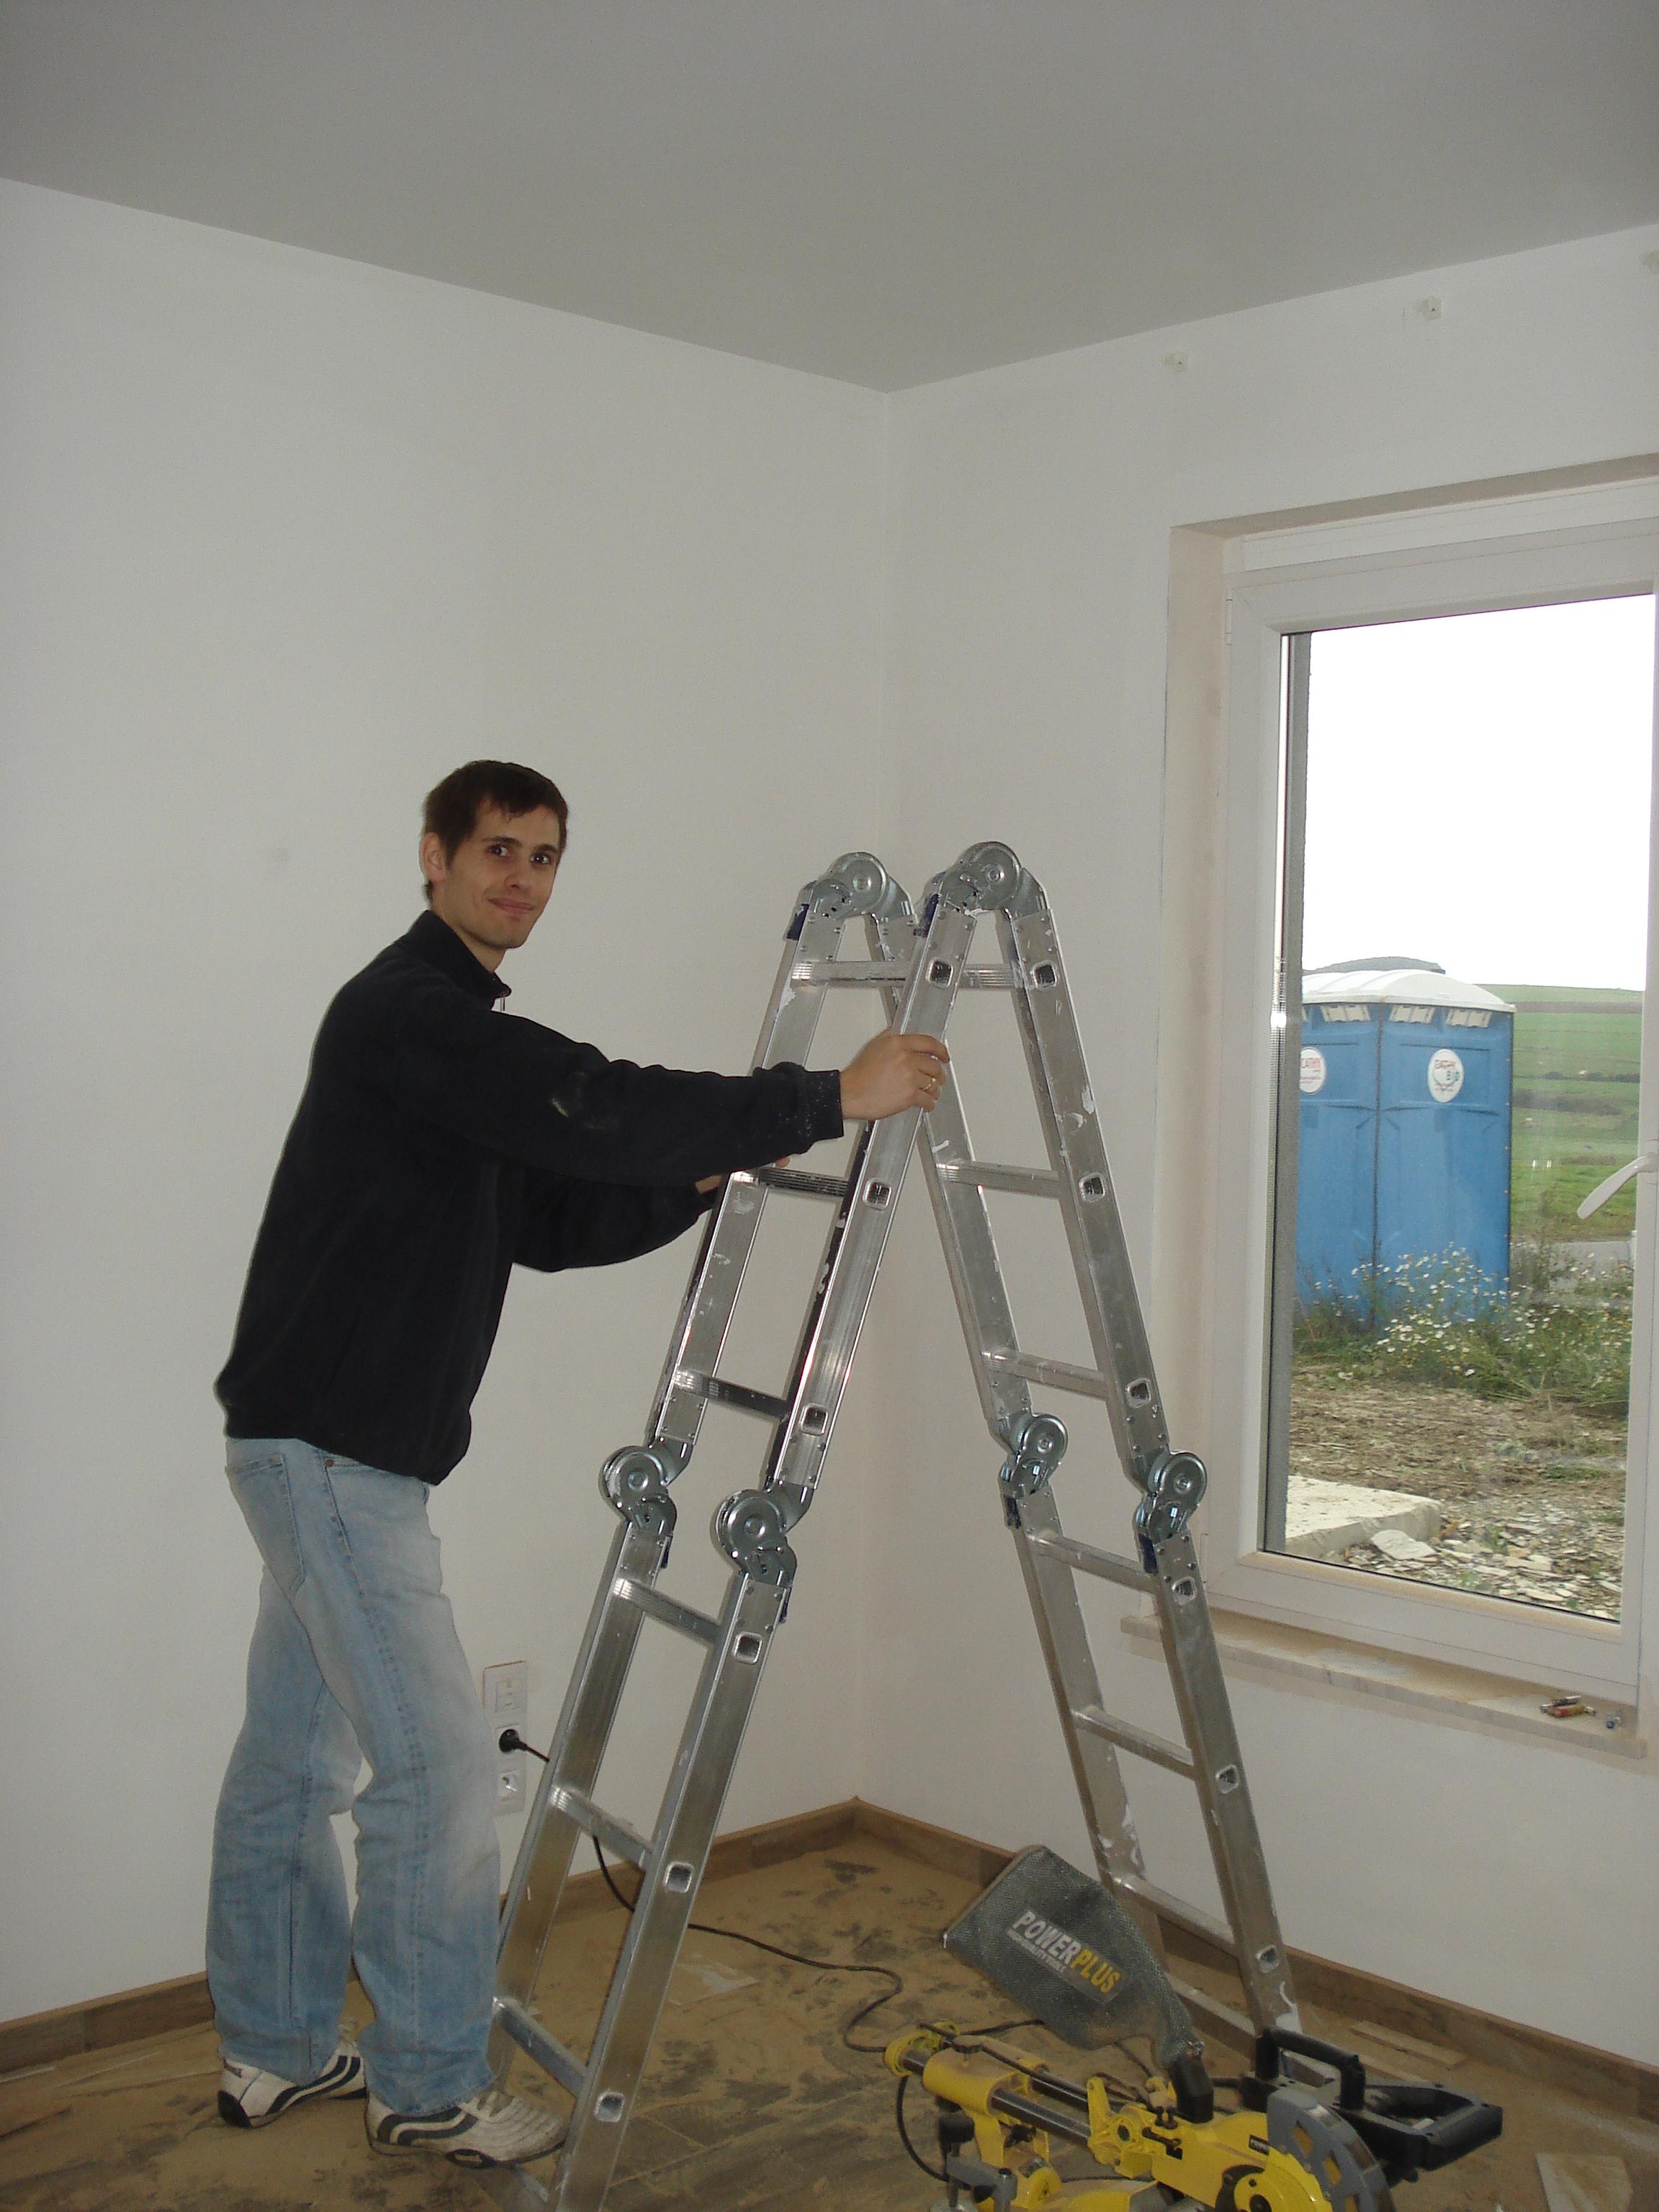 Pistolet peinture pour plafond des photoa des photoa de for Peinture pour plafond sale